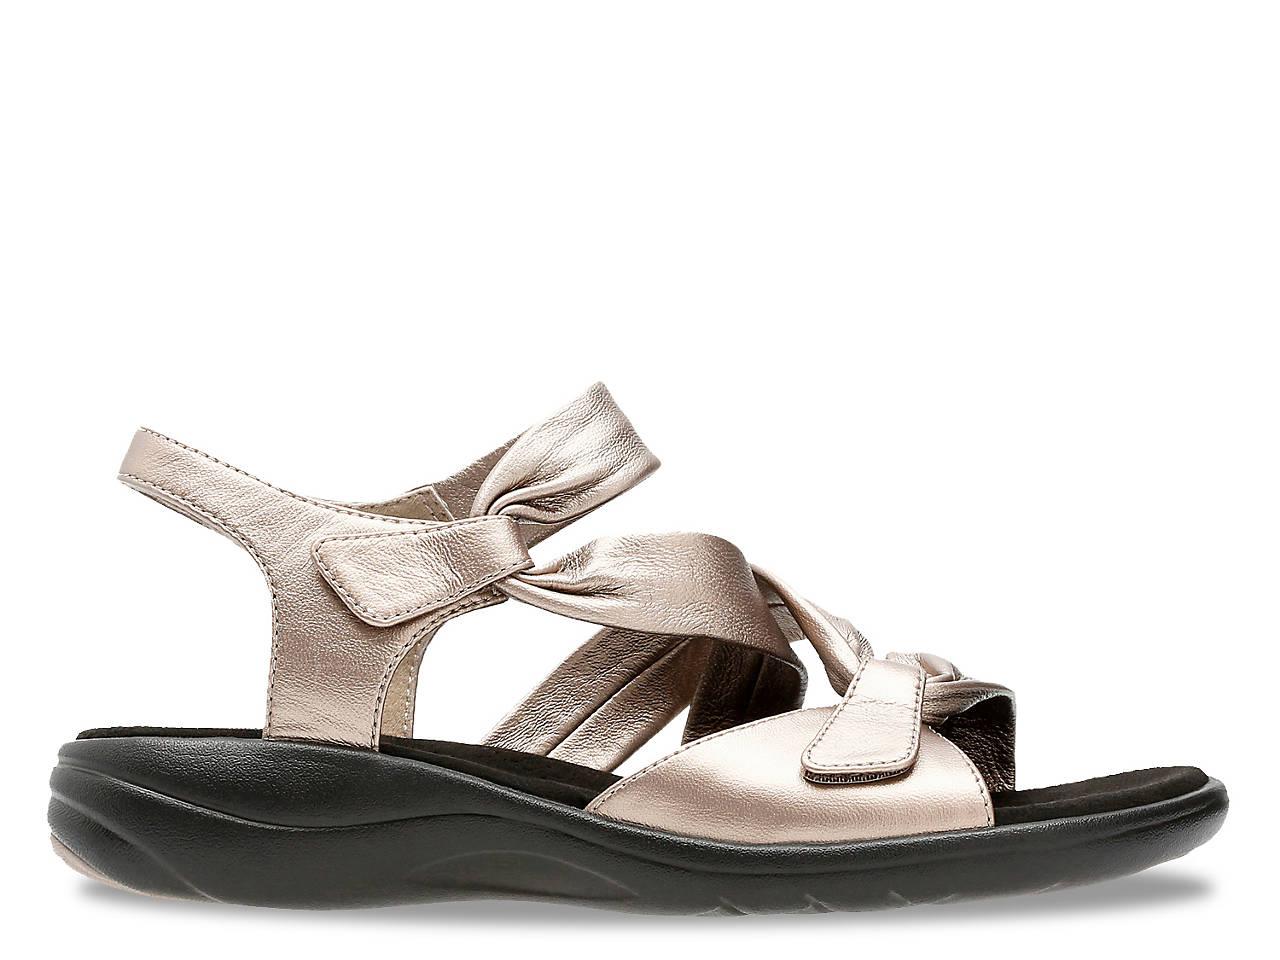 8be6c568555 Clarks Saylie Moon Sandal Women s Shoes